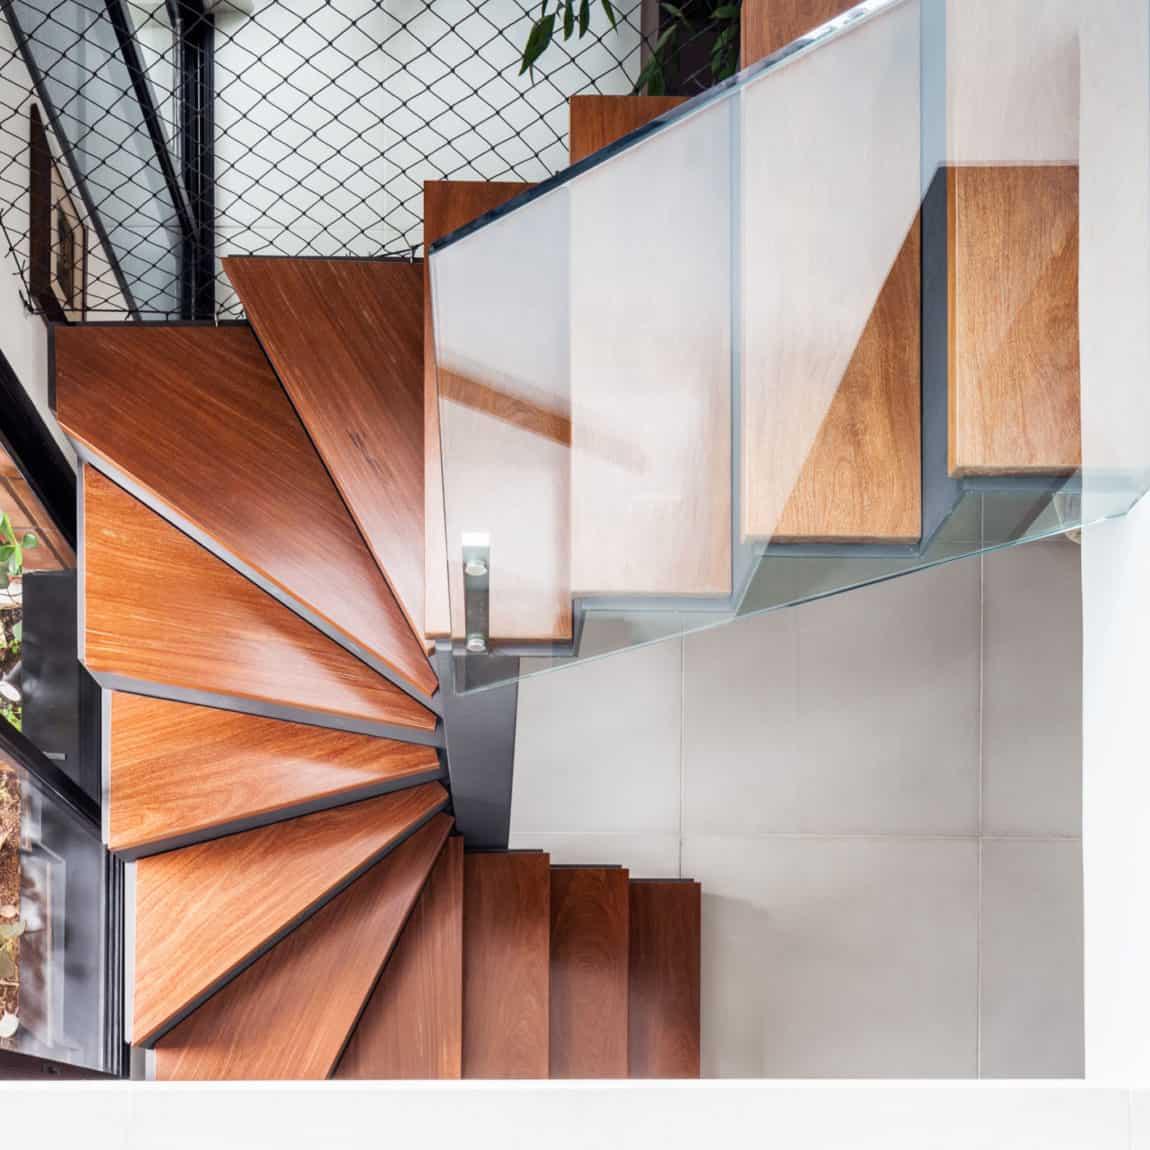 Apartamento A.R by ROCCO ARQUITETOS (18)